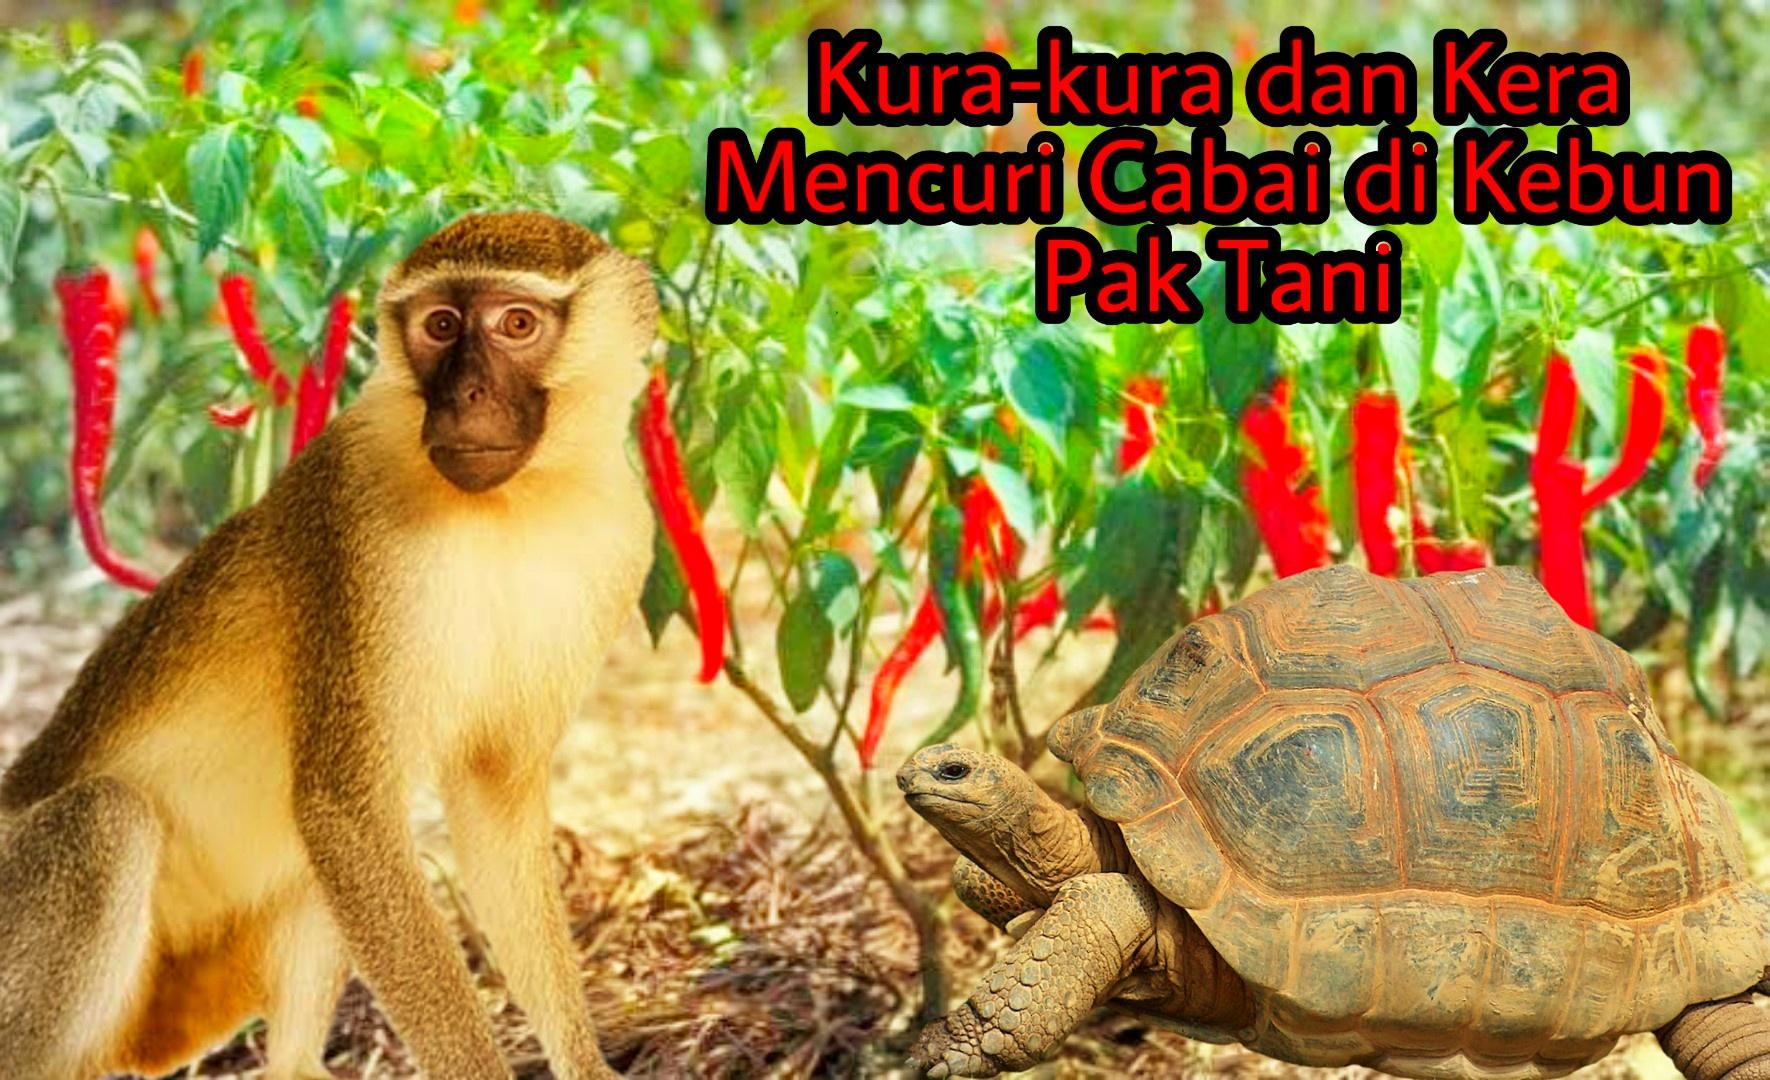 Kura-kura dan Kera Mencuri Cabai di Kebun Pak Tani